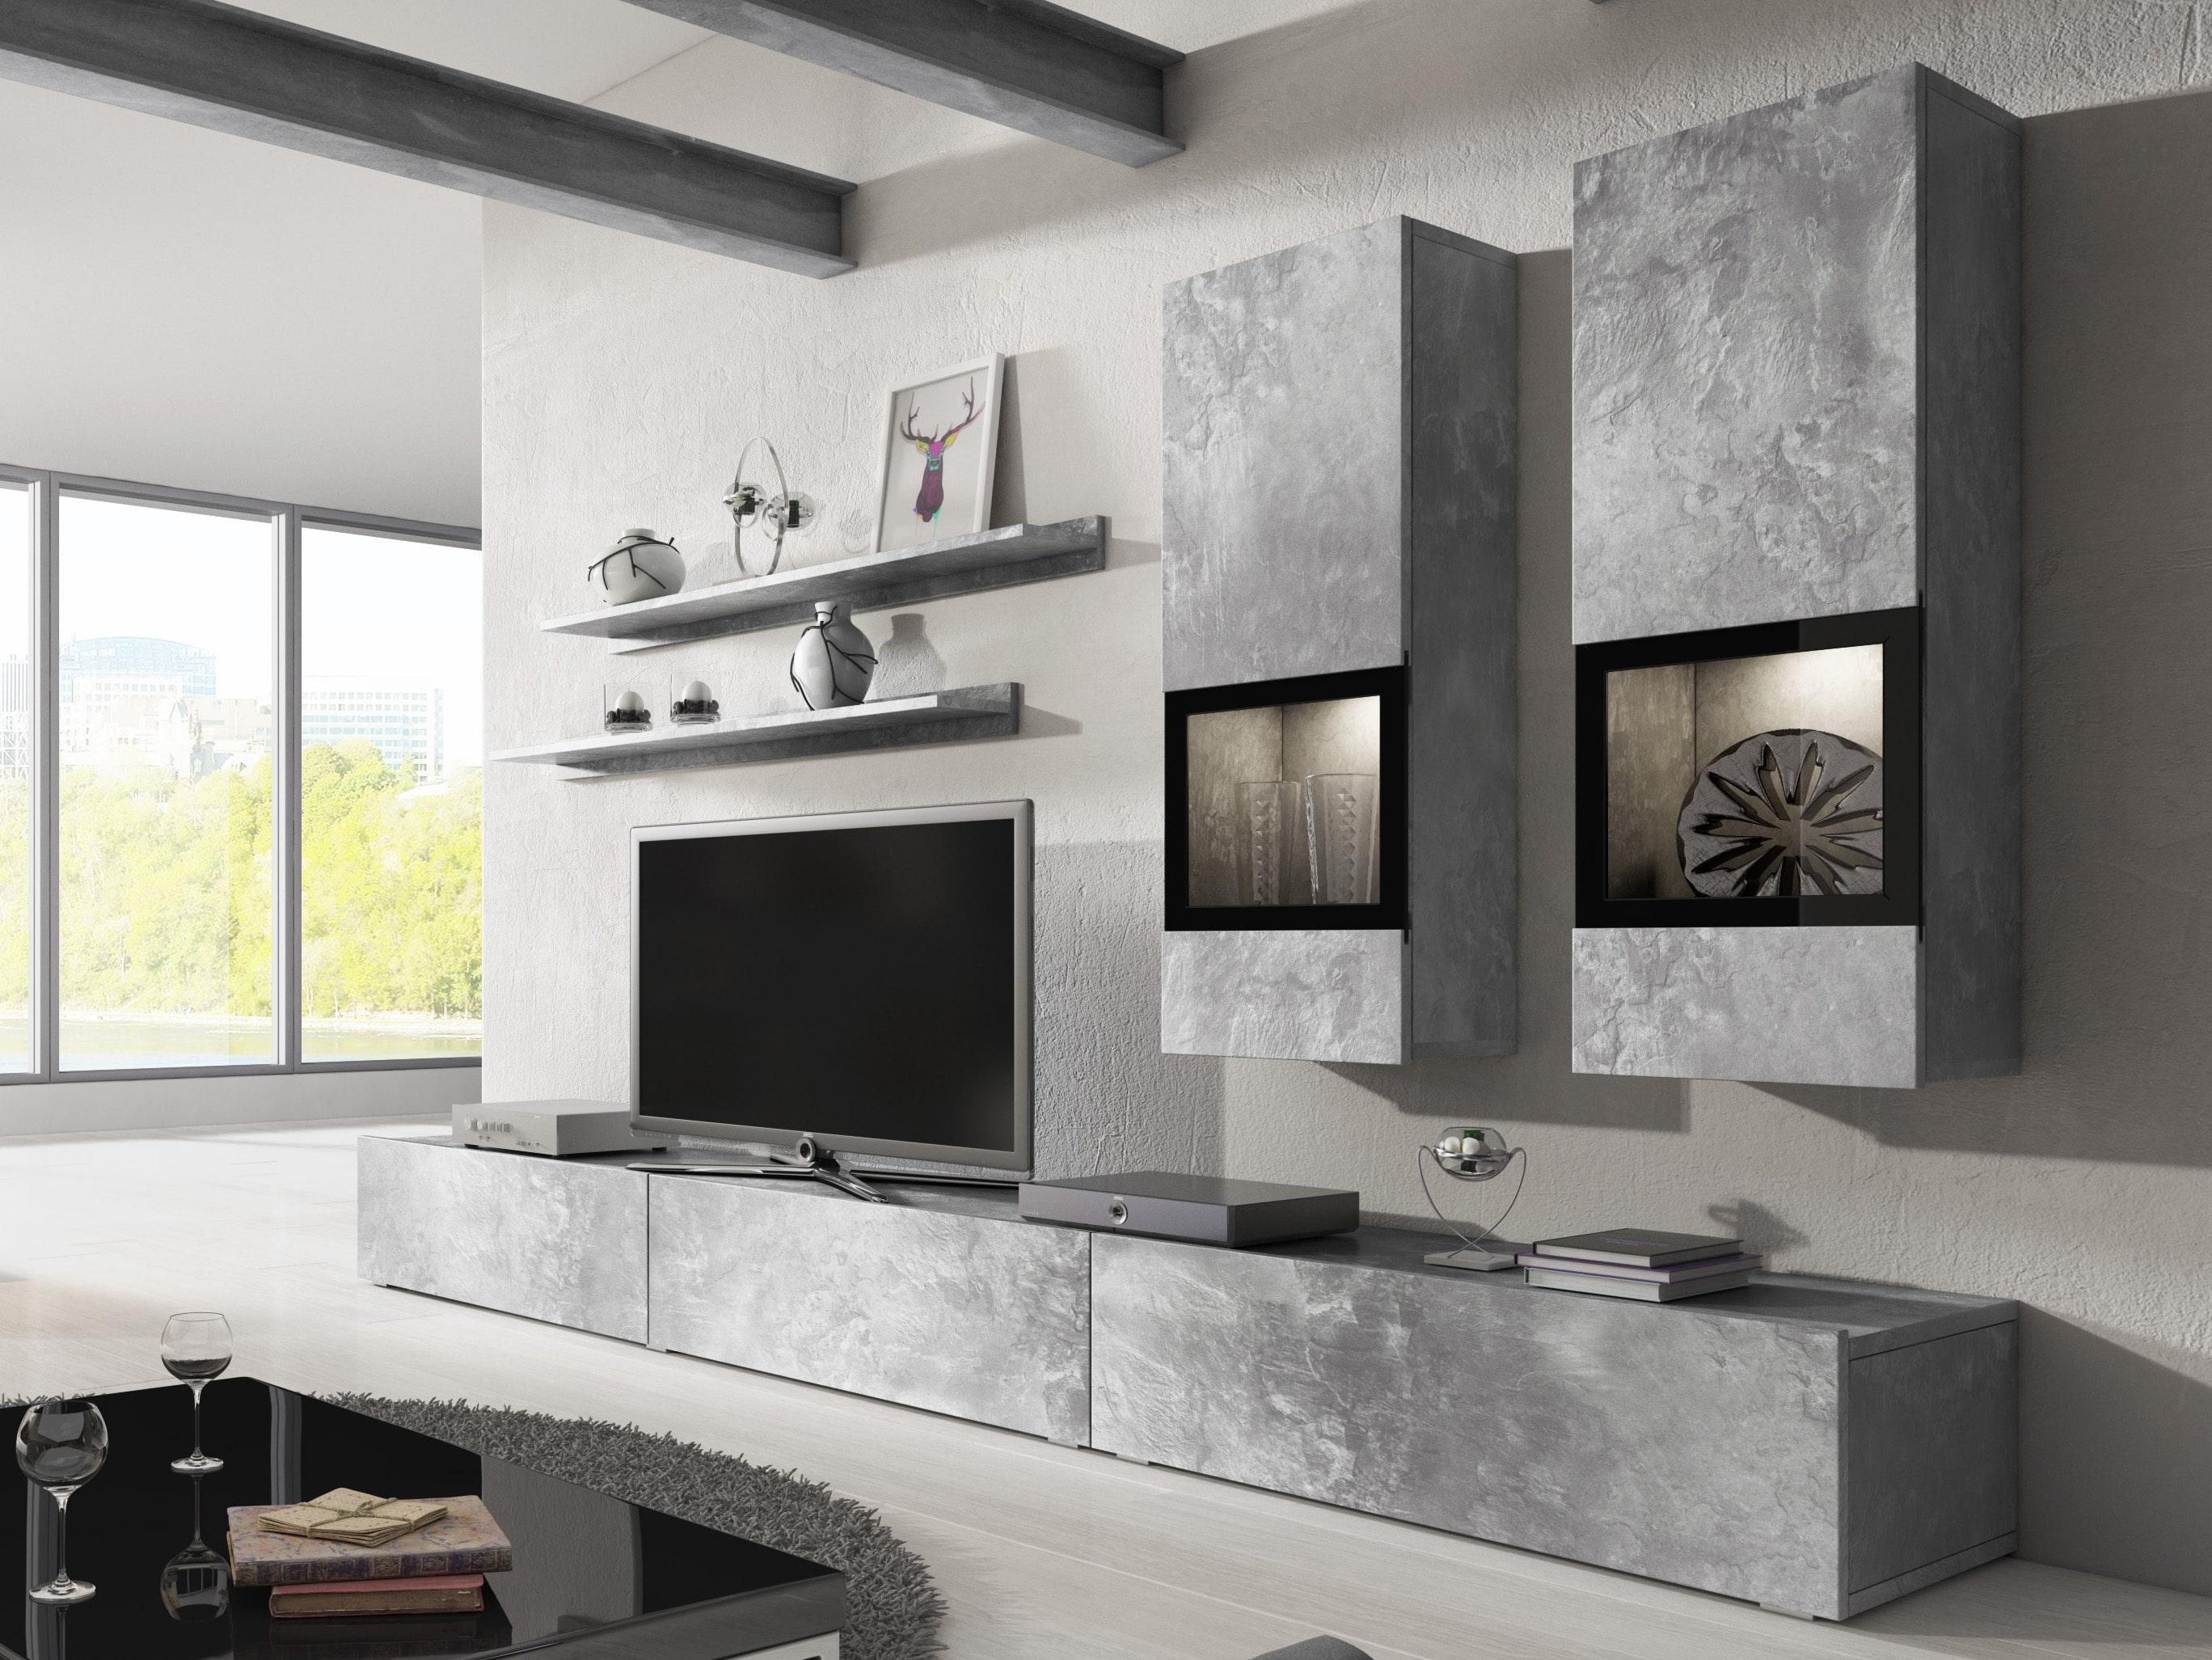 Obývací stěna - Berle - Typ 10 (světlý beton)